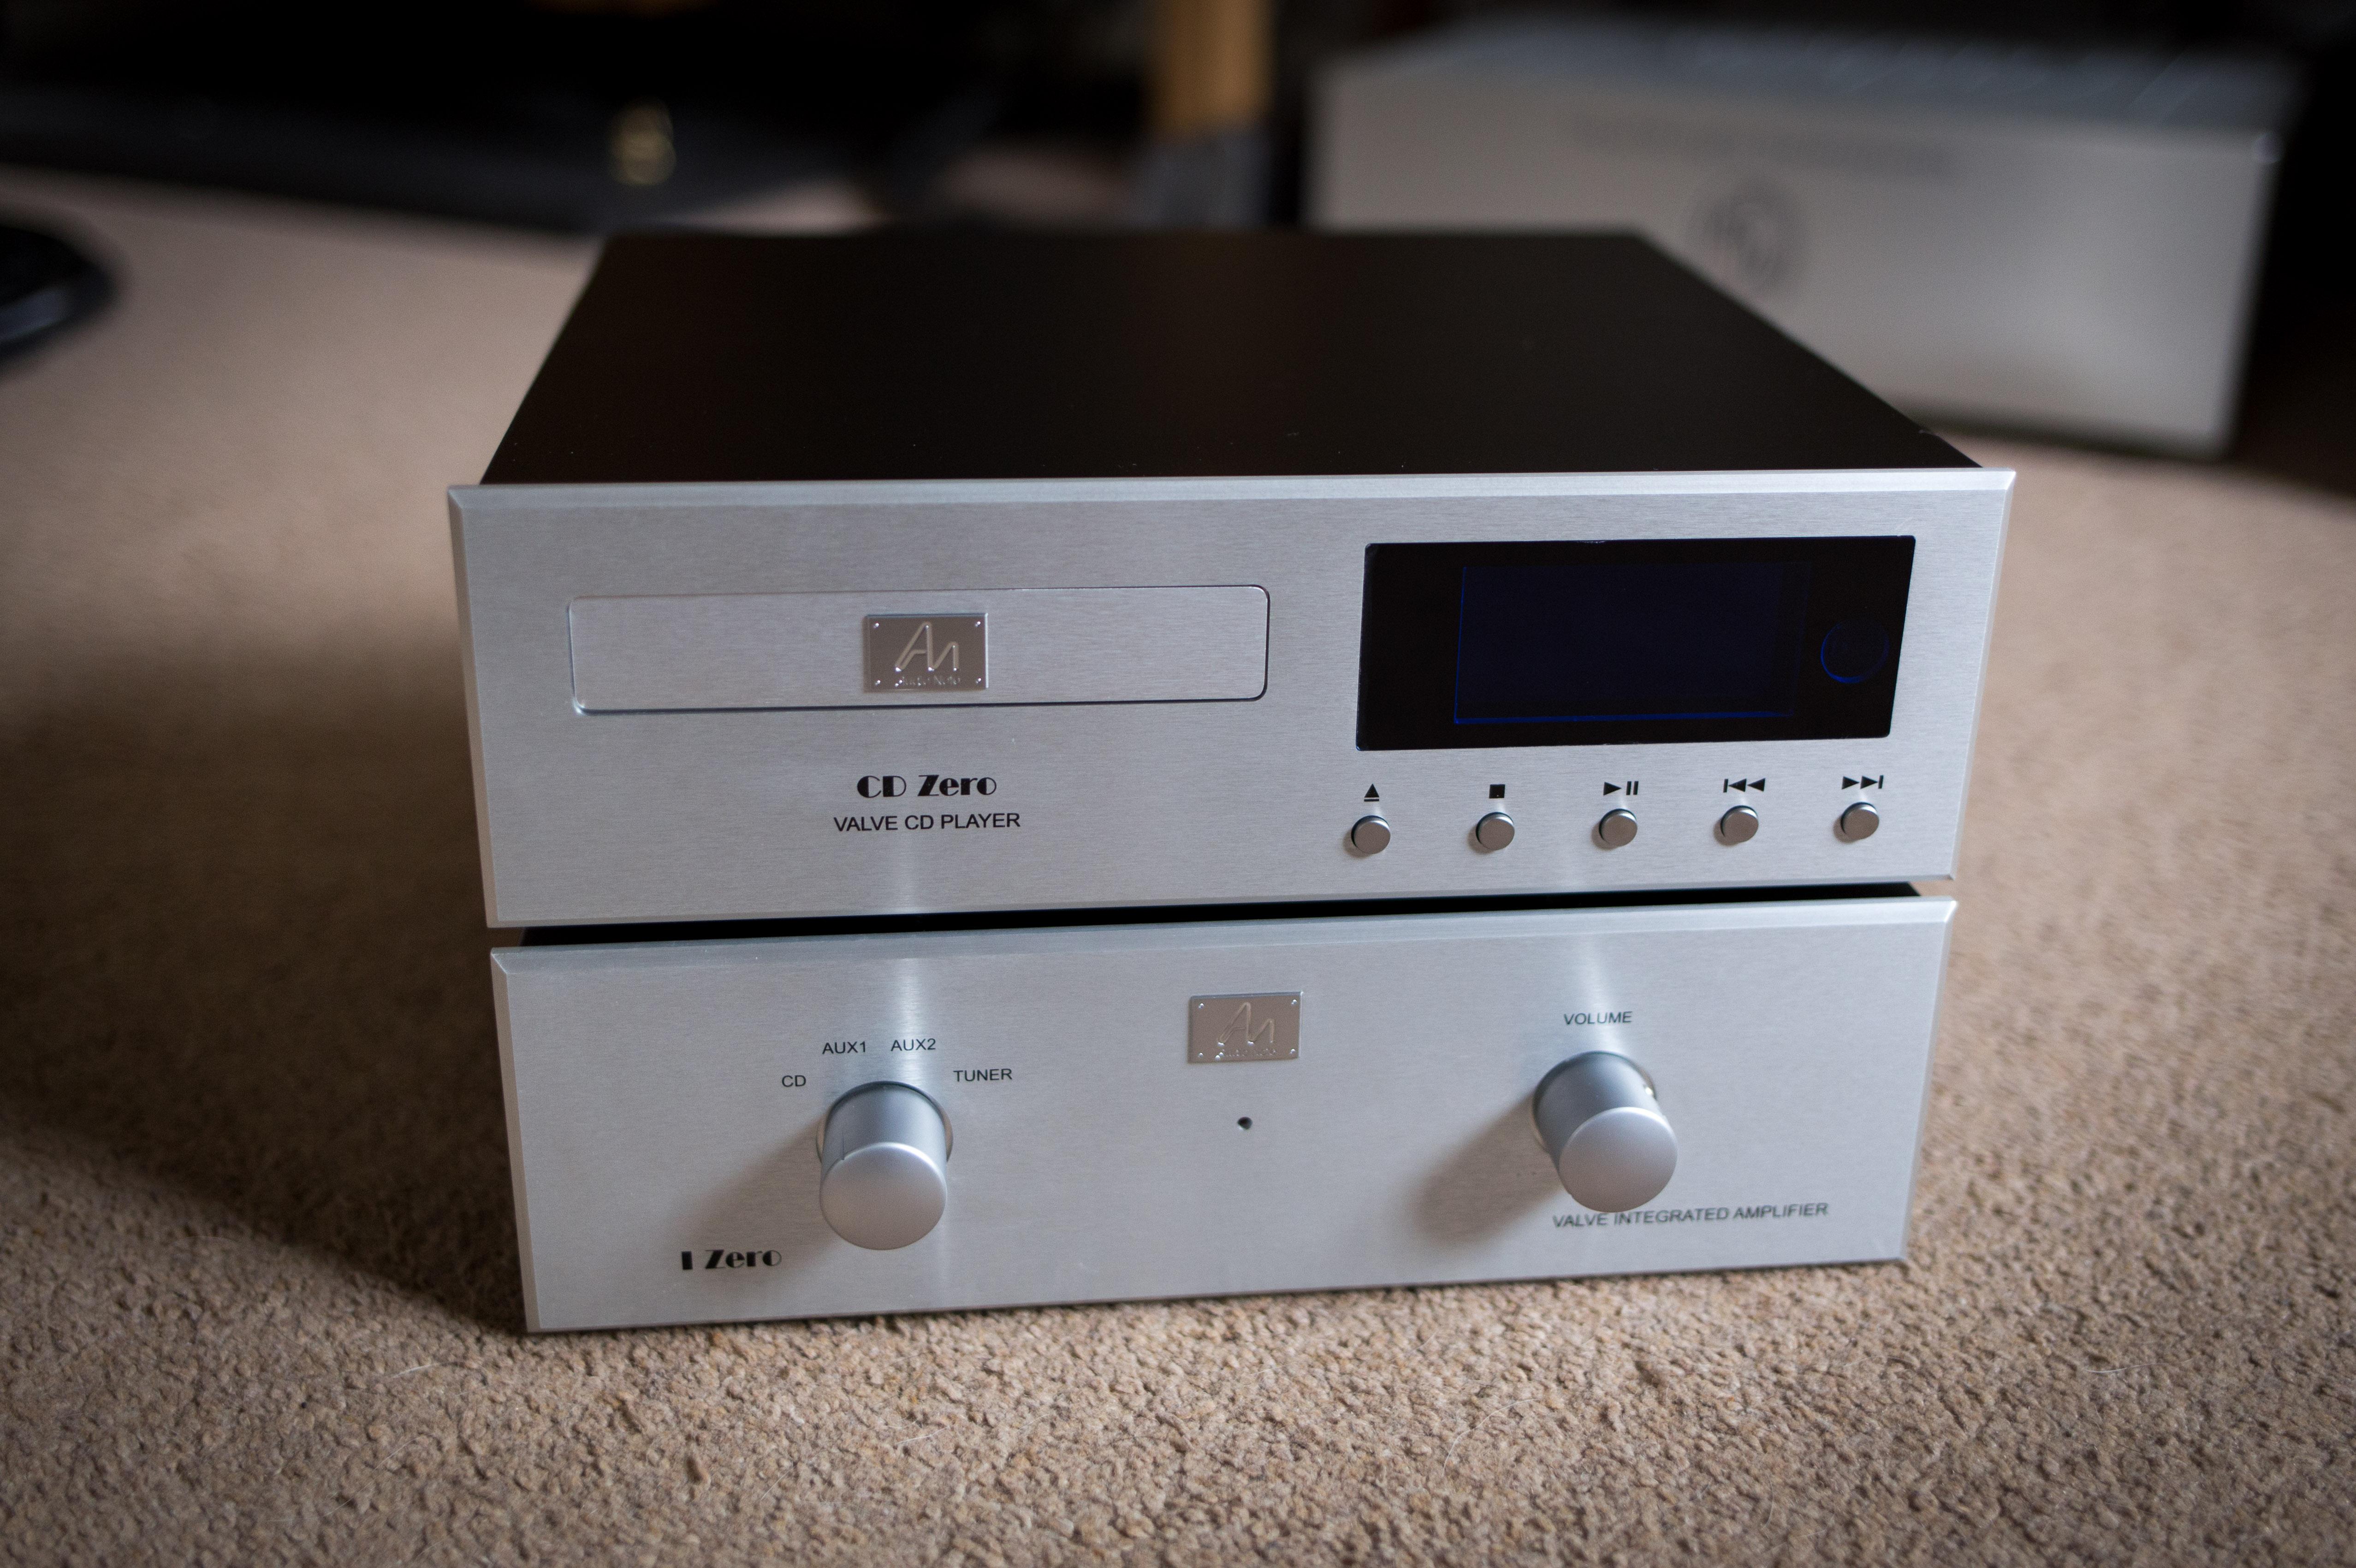 Audio Note UK Zero Range